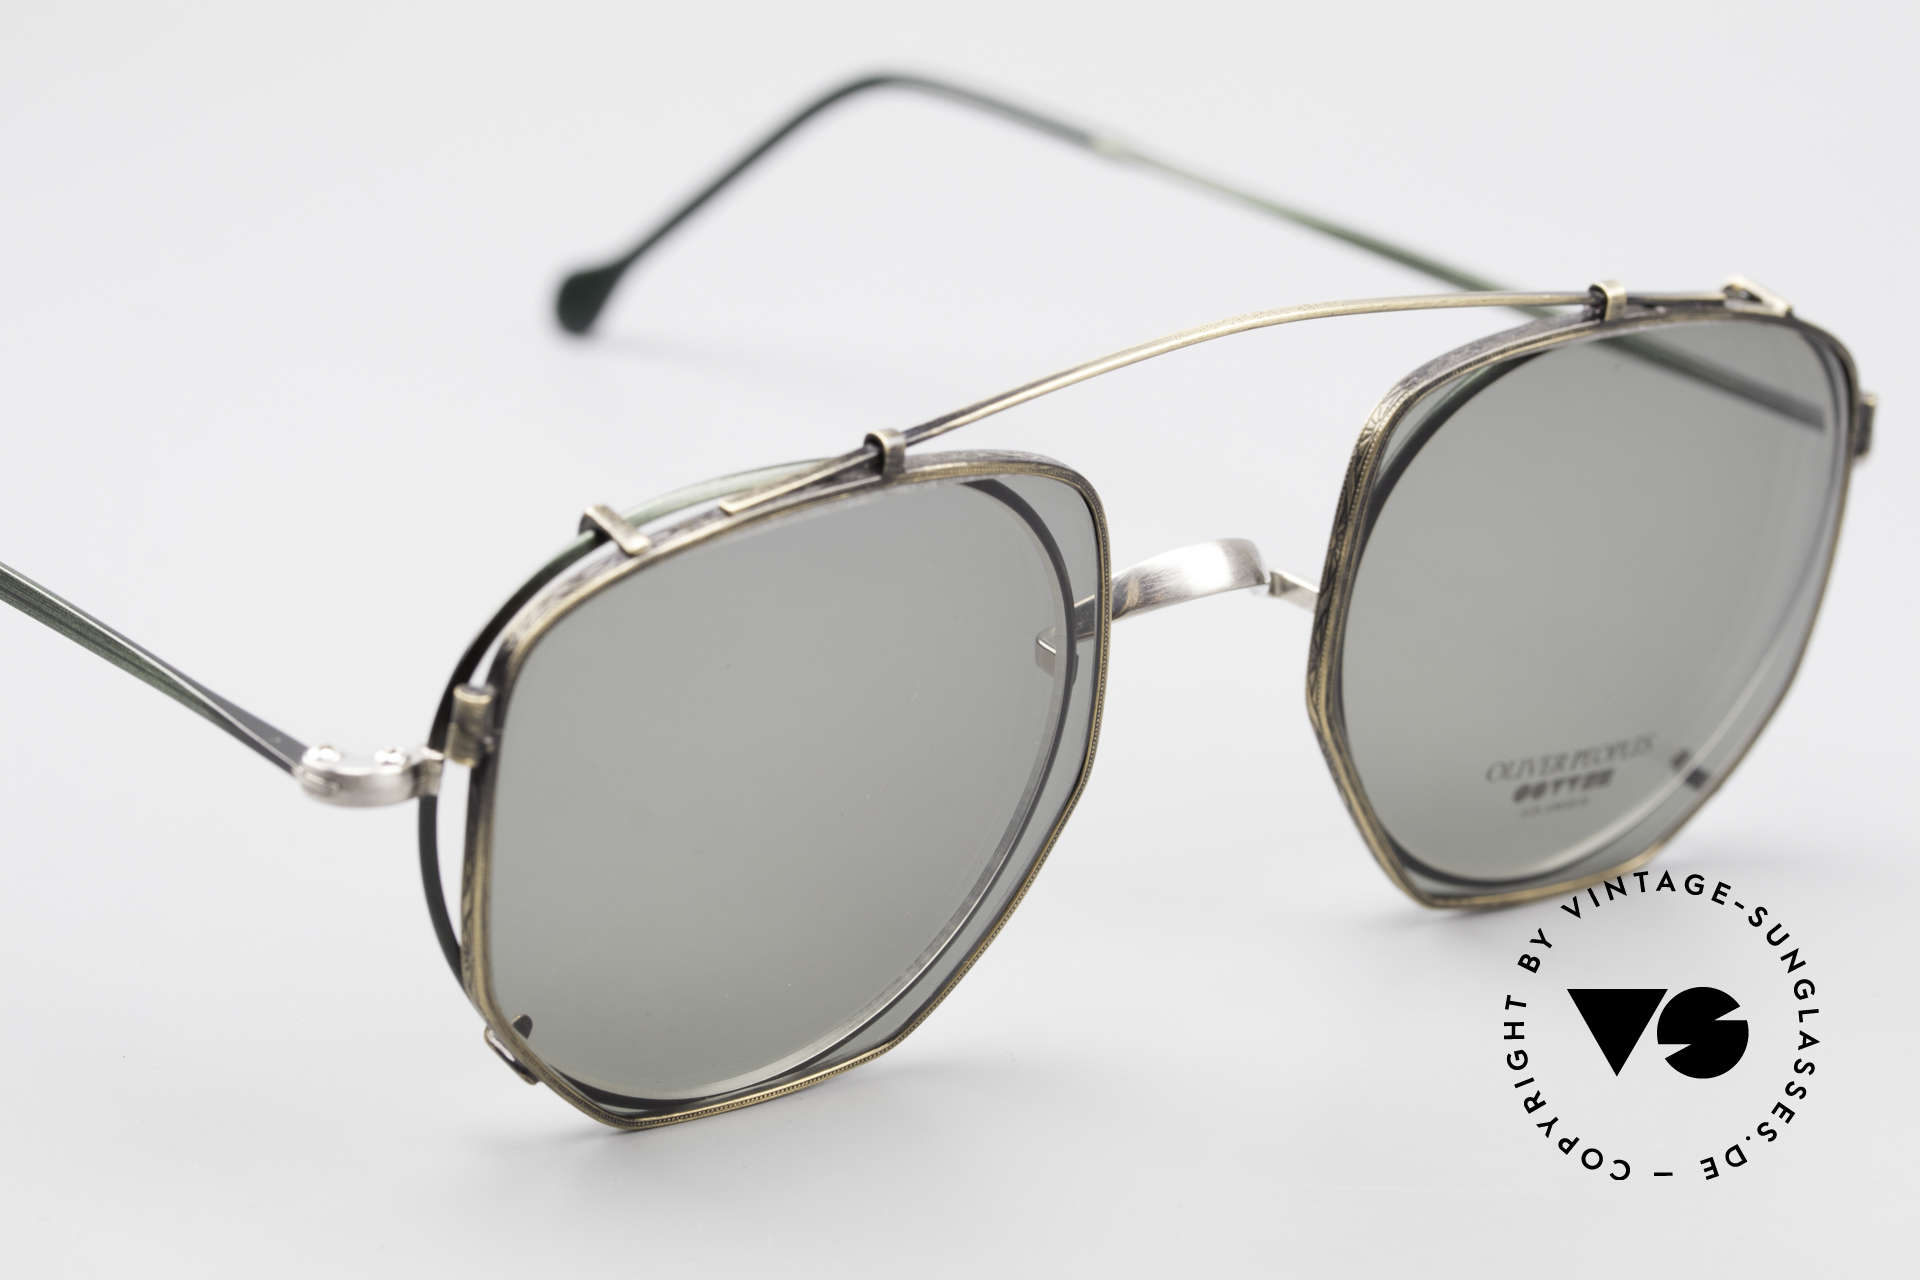 Oliver Peoples OP80BC Runde Brille Eckiger Clip On, die Größe passt und sieht cool aus = EINZELSTÜCK!, Passend für Herren und Damen